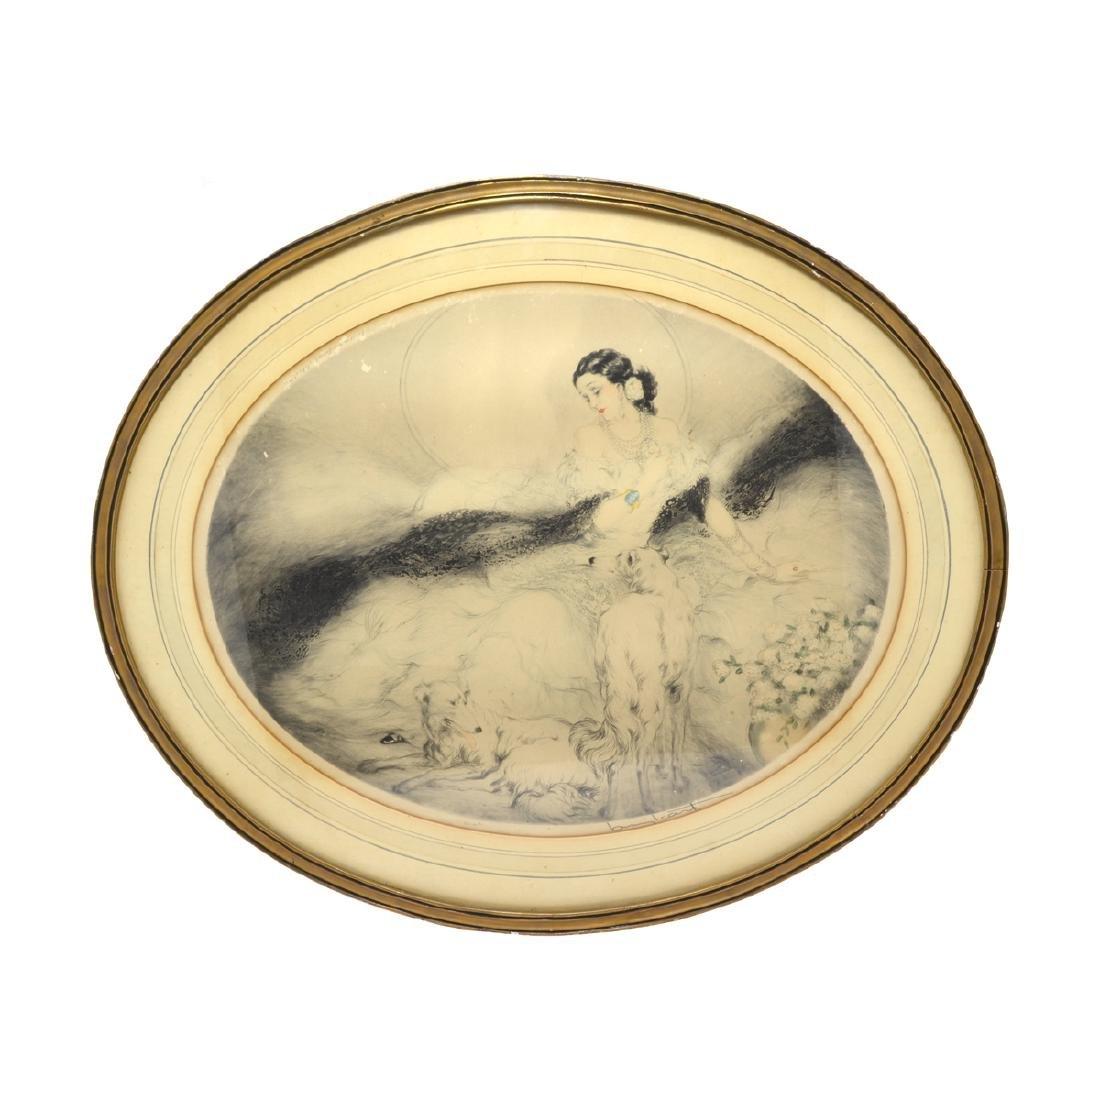 1928 Rare Louis Icart ''''Rose Point Etching''''